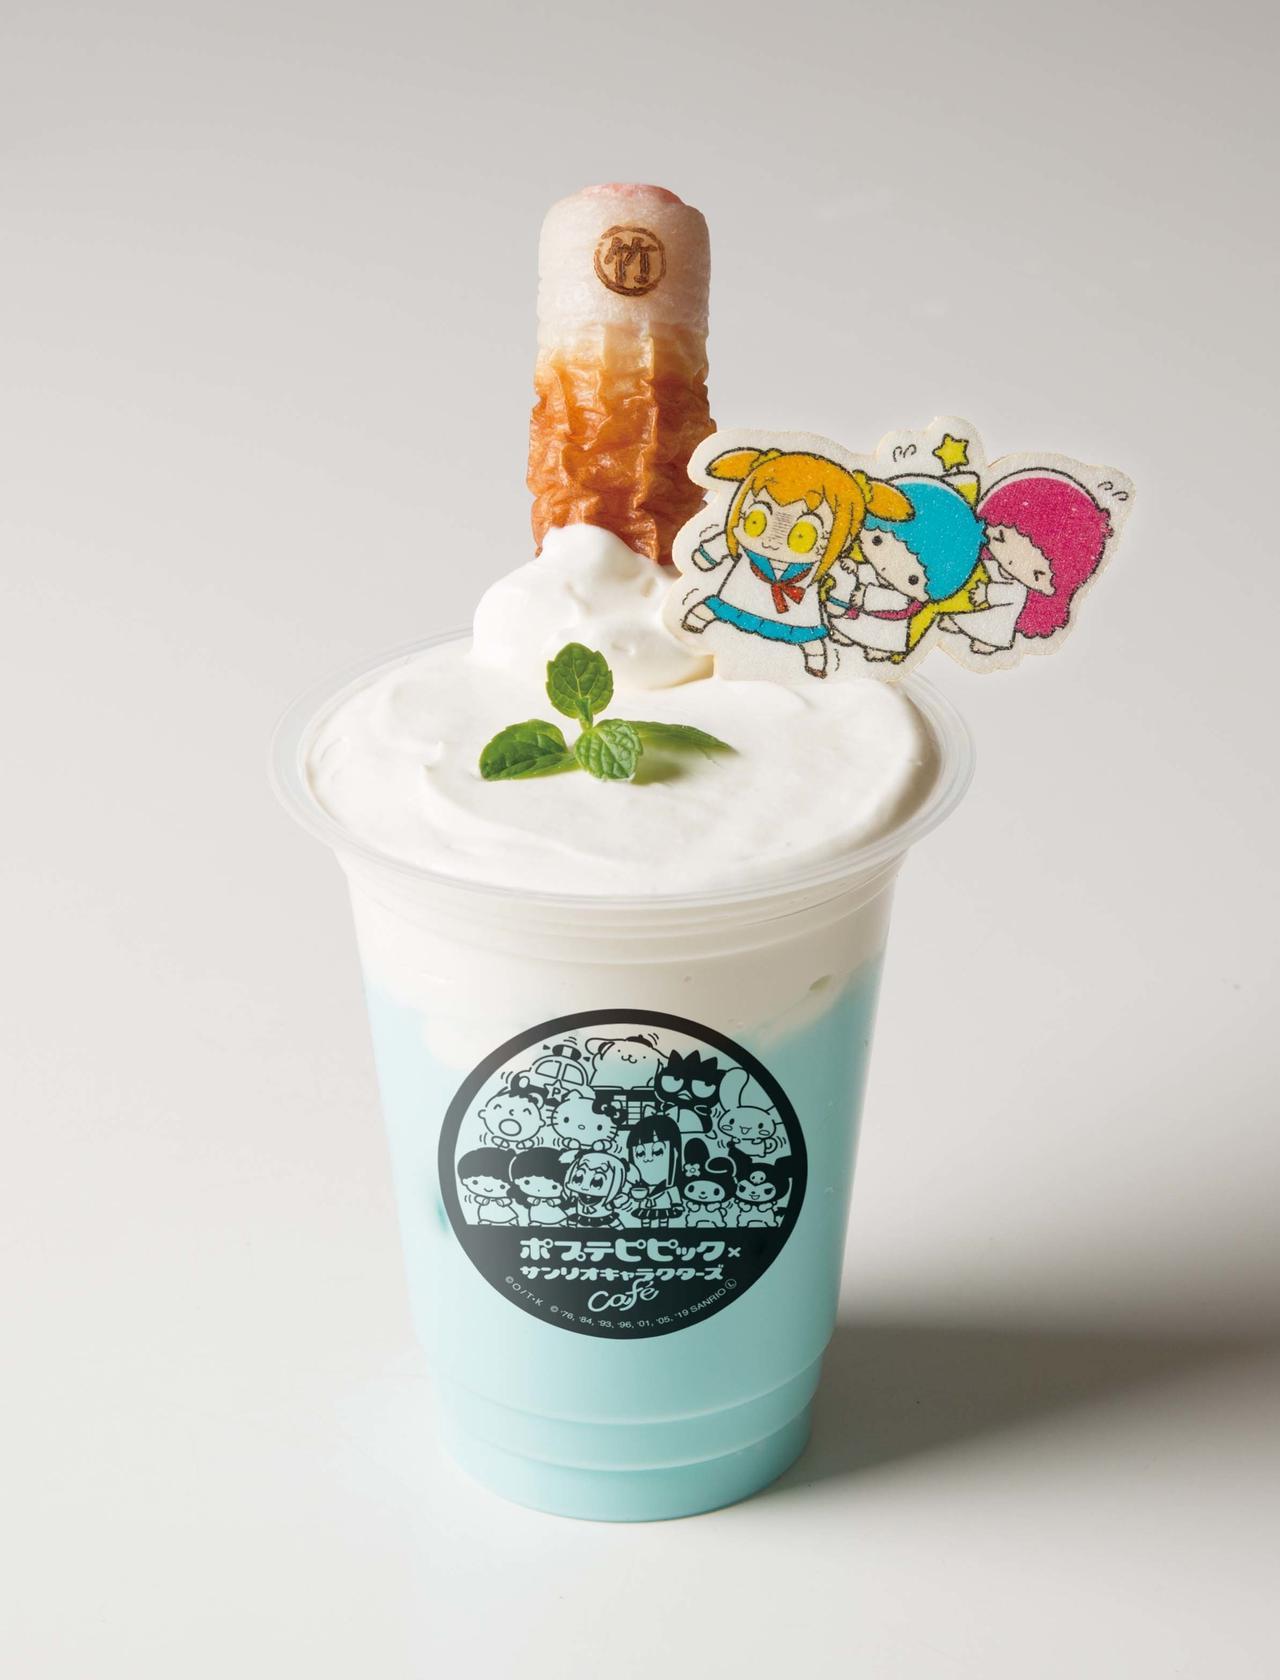 画像4: ポプテピピック×サンリオキャラクターズの コラボカフェが期間限定でオープン